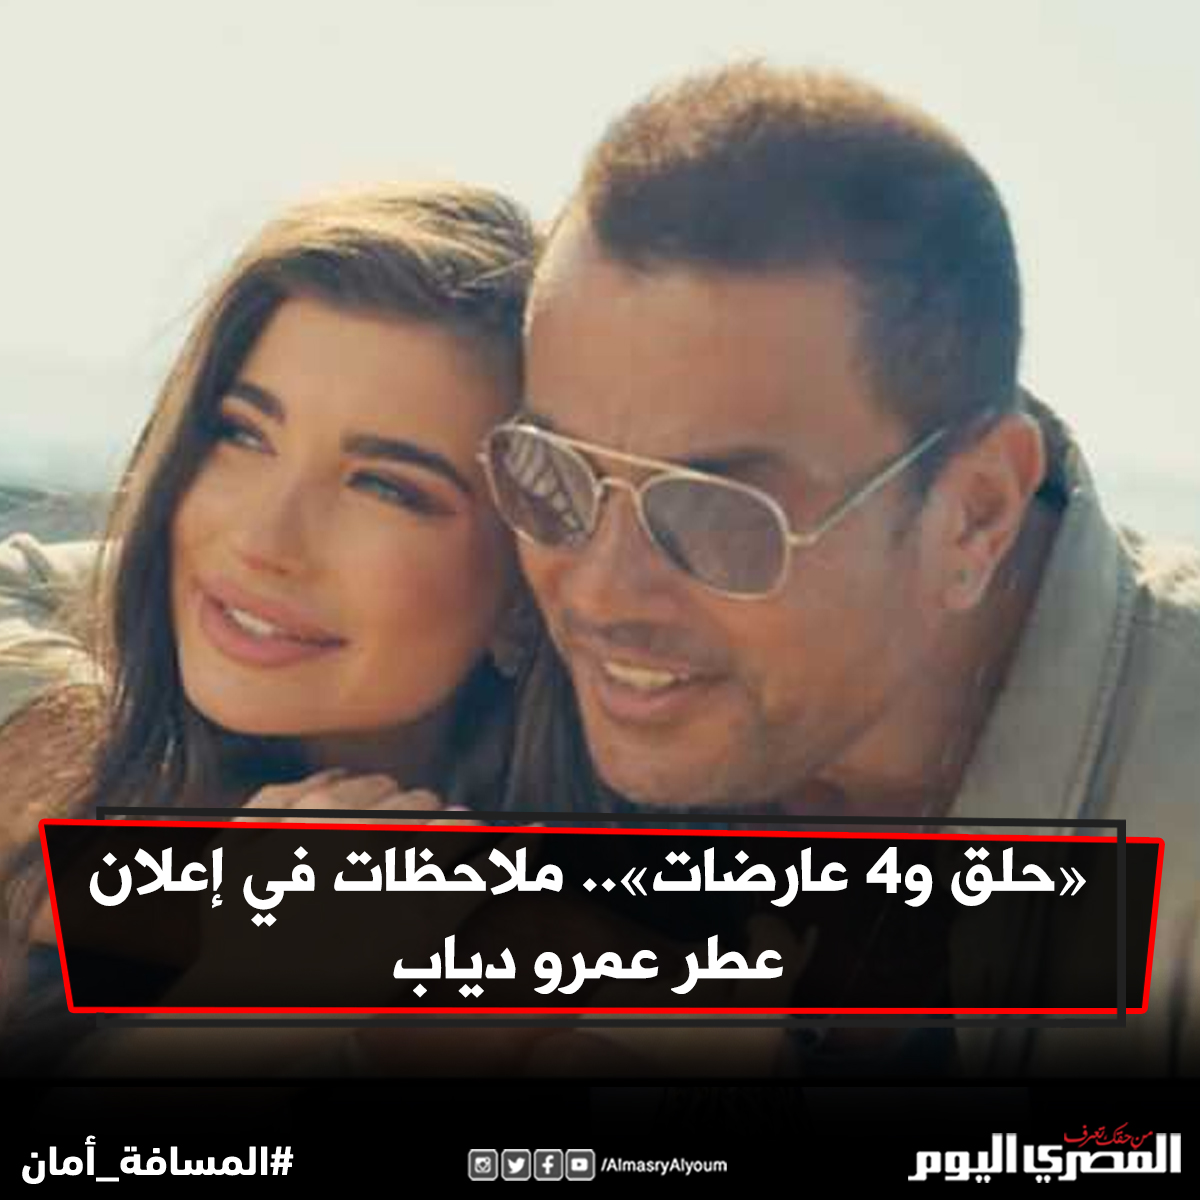 بالفيديو «حلق و4 عارضات».. ملاحظات في إعلان عطر عمرو دياب شاهد